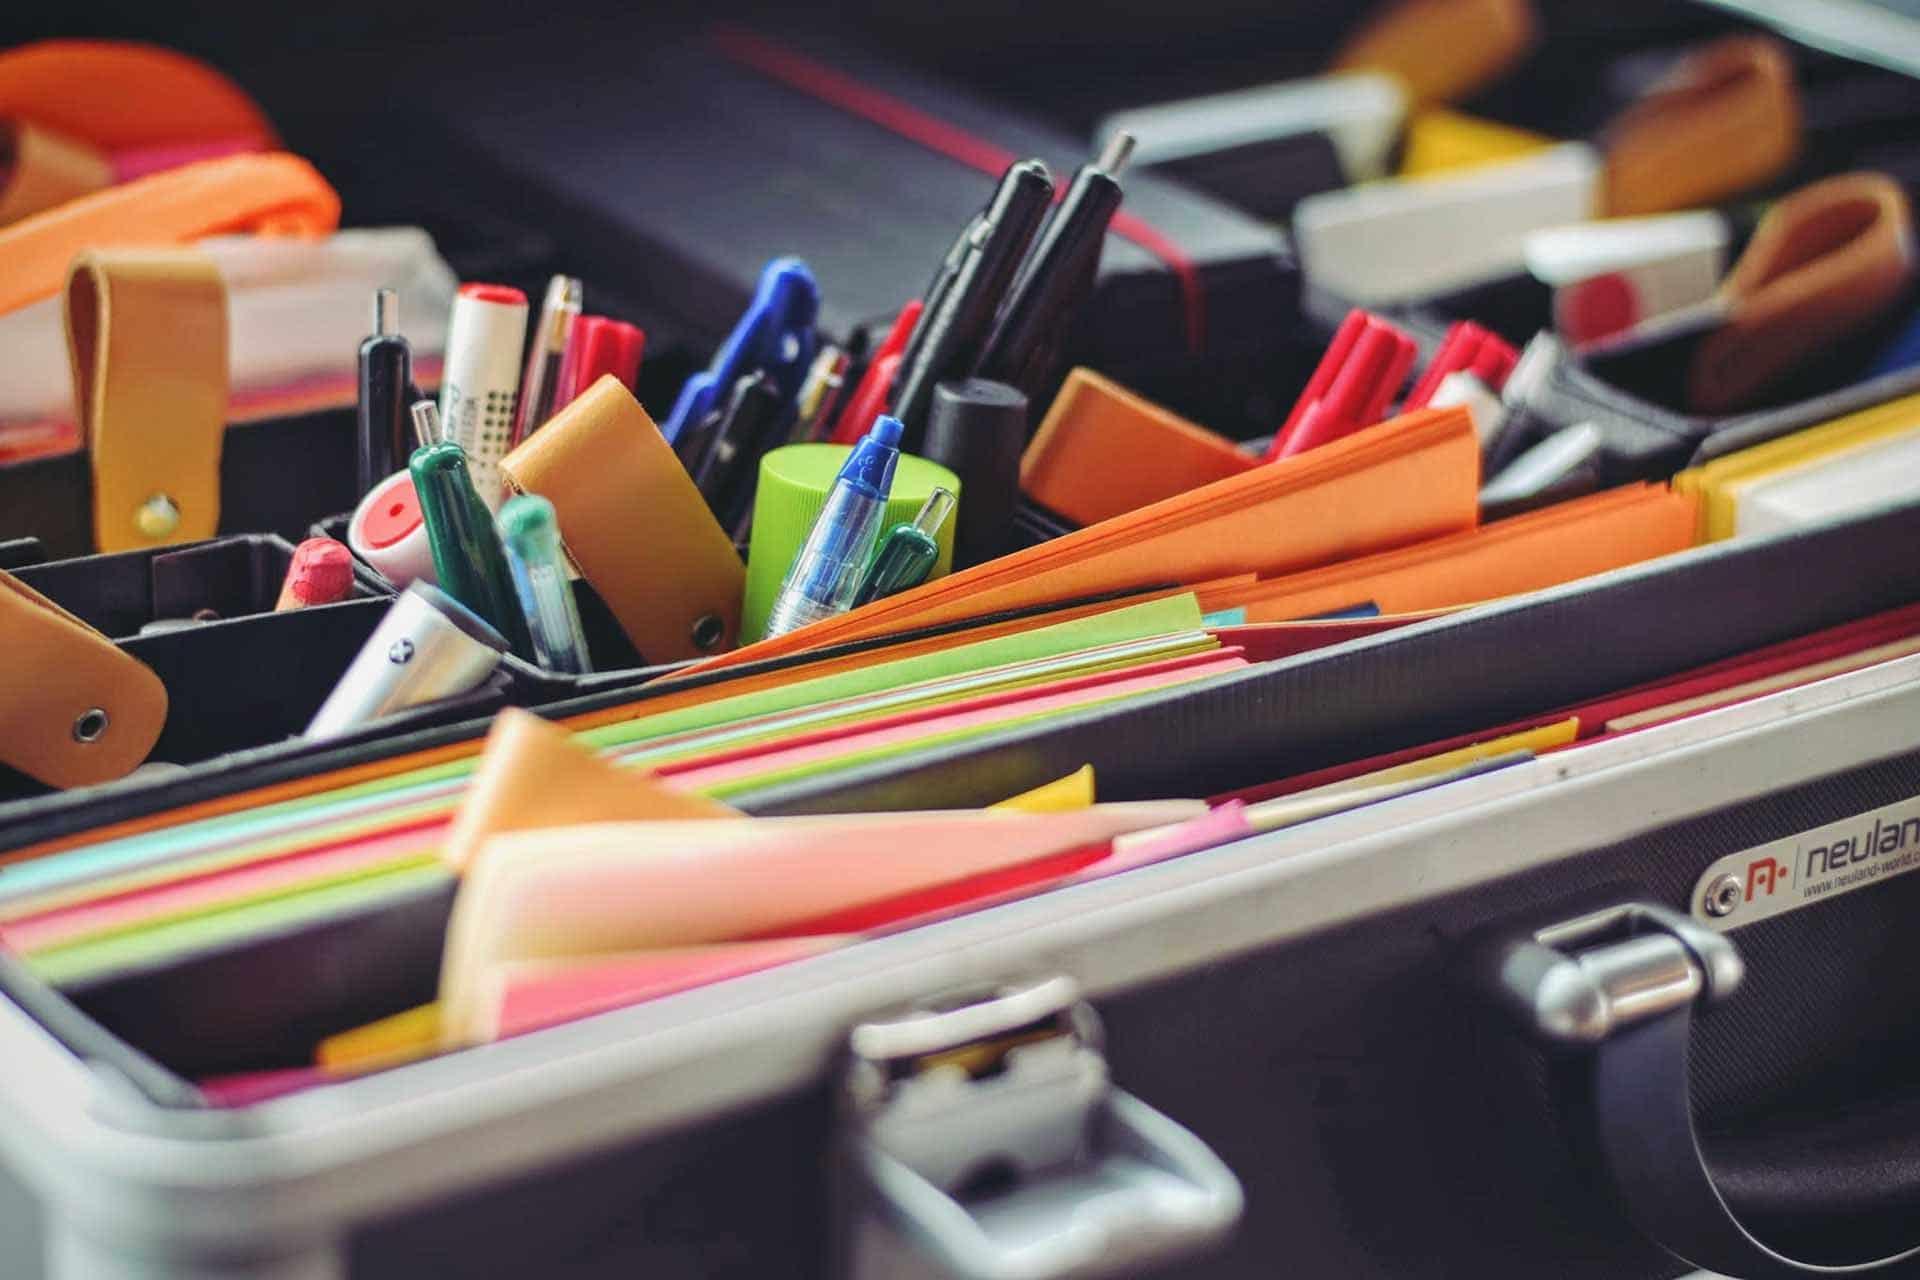 t2informatik Blog: Kreativität im Meeting – Ein Methodenvergleich